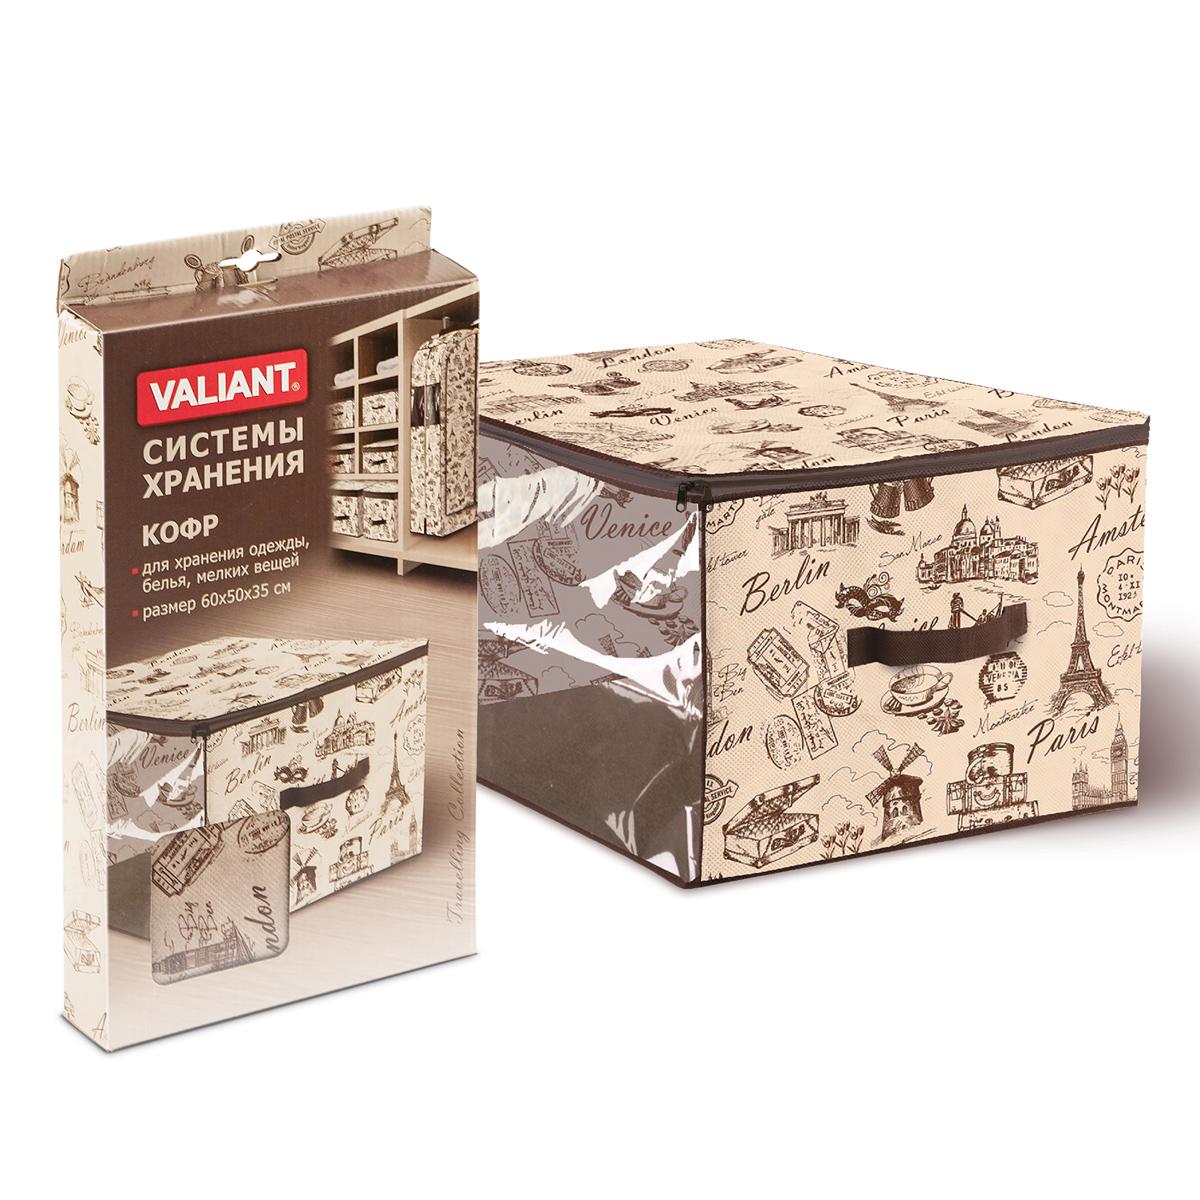 Кофр для хранения Valiant Travelling, 60 см х 50 см х 35 см25051 7_желтыйКофр для хранения Valiant Travelling изготовлен из высококачественного нетканого материала (спанбонда), который обеспечивает естественную вентиляцию, позволяя воздуху проникать внутрь, но не пропускает пыль. Вставки из плотного картона хорошо держат форму. Кофр снабжен специальной крышкой и ручкой сбоку. Изделие отличается мобильностью: легко раскладывается и складывается. В таком кофре удобно хранить одежду, белье и мелкие аксессуары. Оригинальный дизайн погружает в атмосферу путешествий по разным городам и странам.Системы хранения в едином дизайне сделают вашу гардеробную красивой и невероятно стильной.